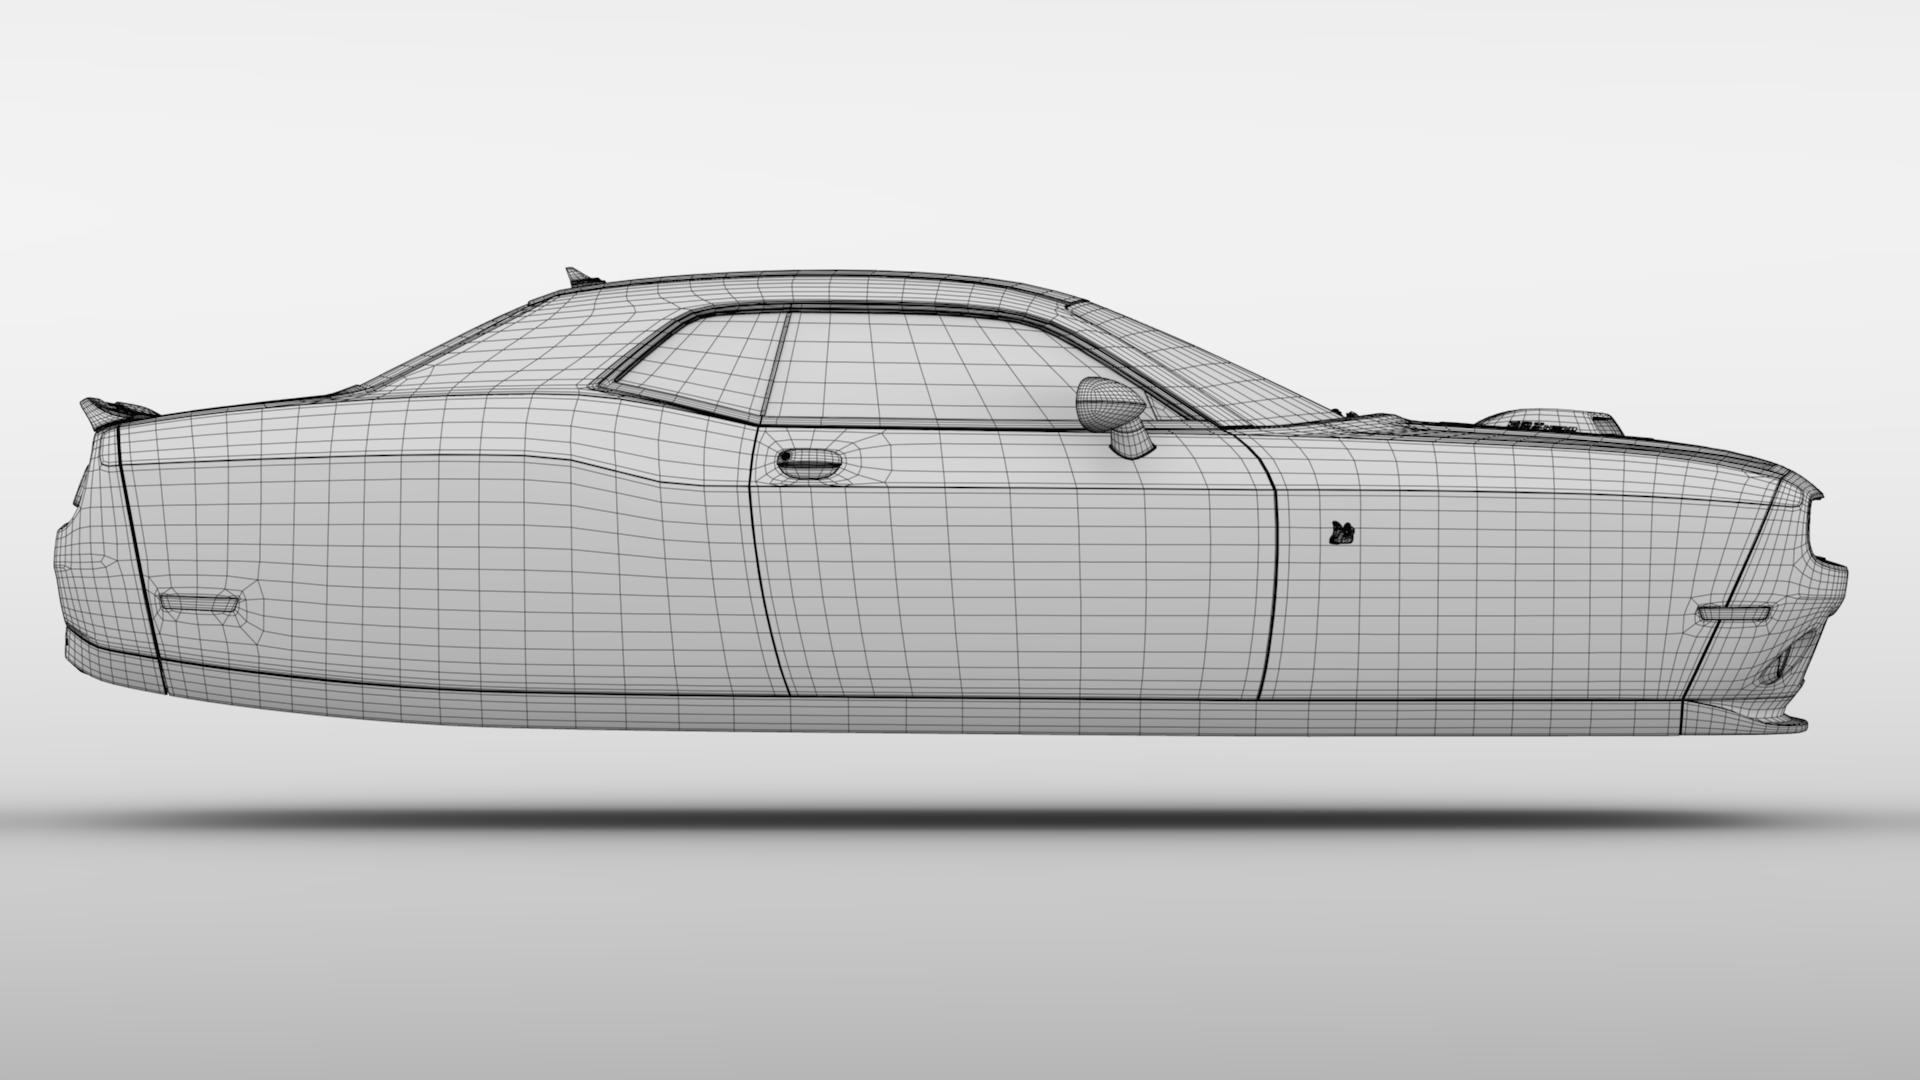 Dodge Challenger 392 shaker (lc) 2016 yn hedfan model 3d 3ds max fbx c4d ar gyfer yr hrc xsi obj 220620